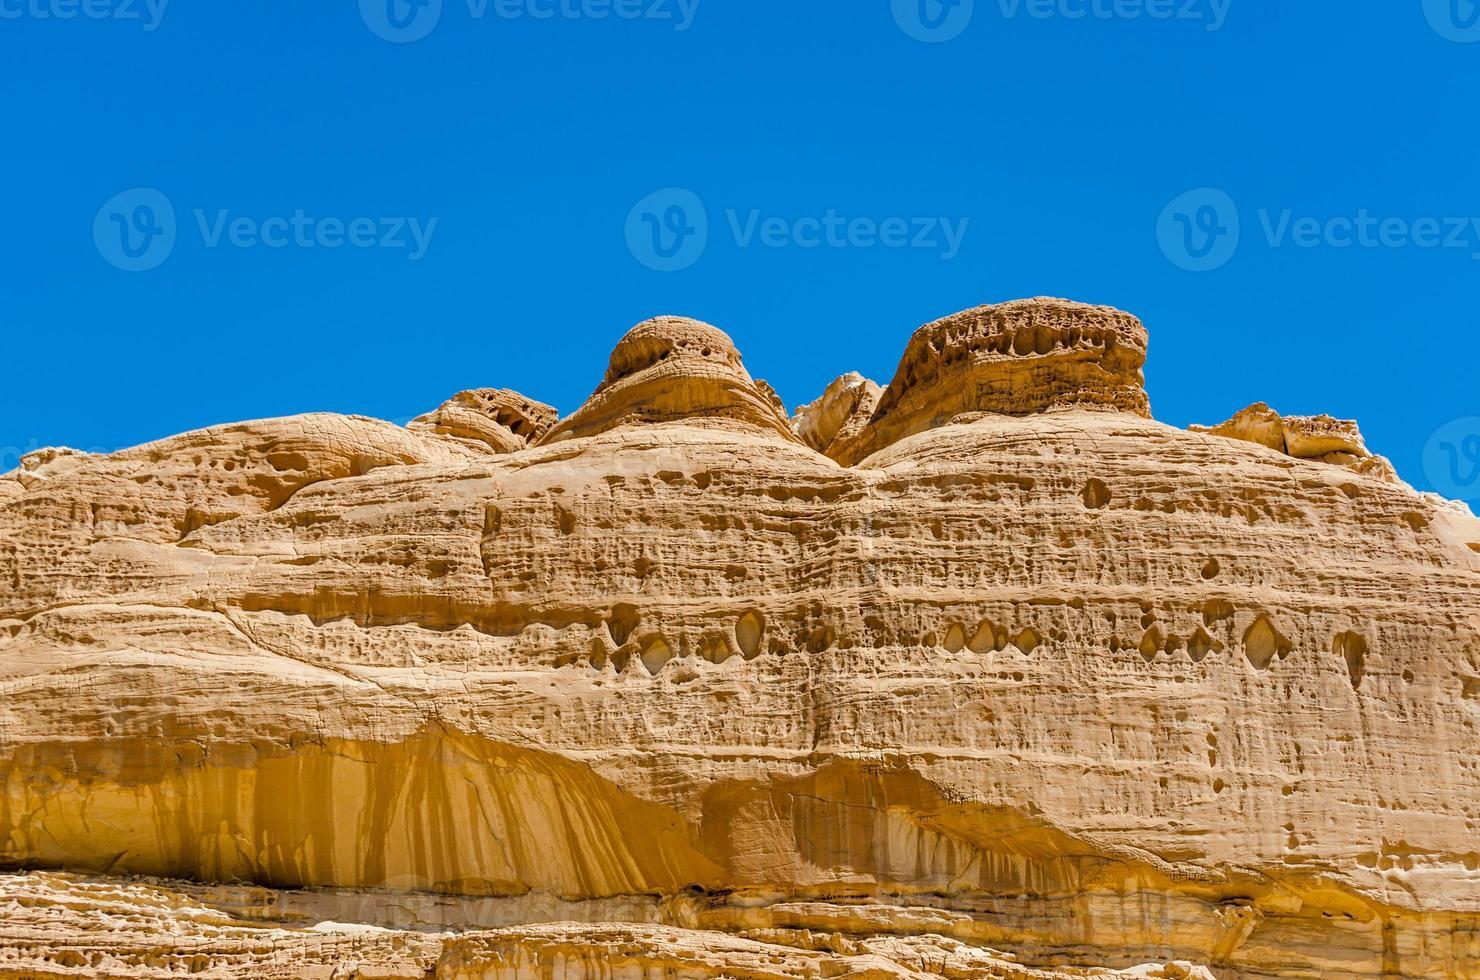 rotsplateau met een blauwe lucht foto